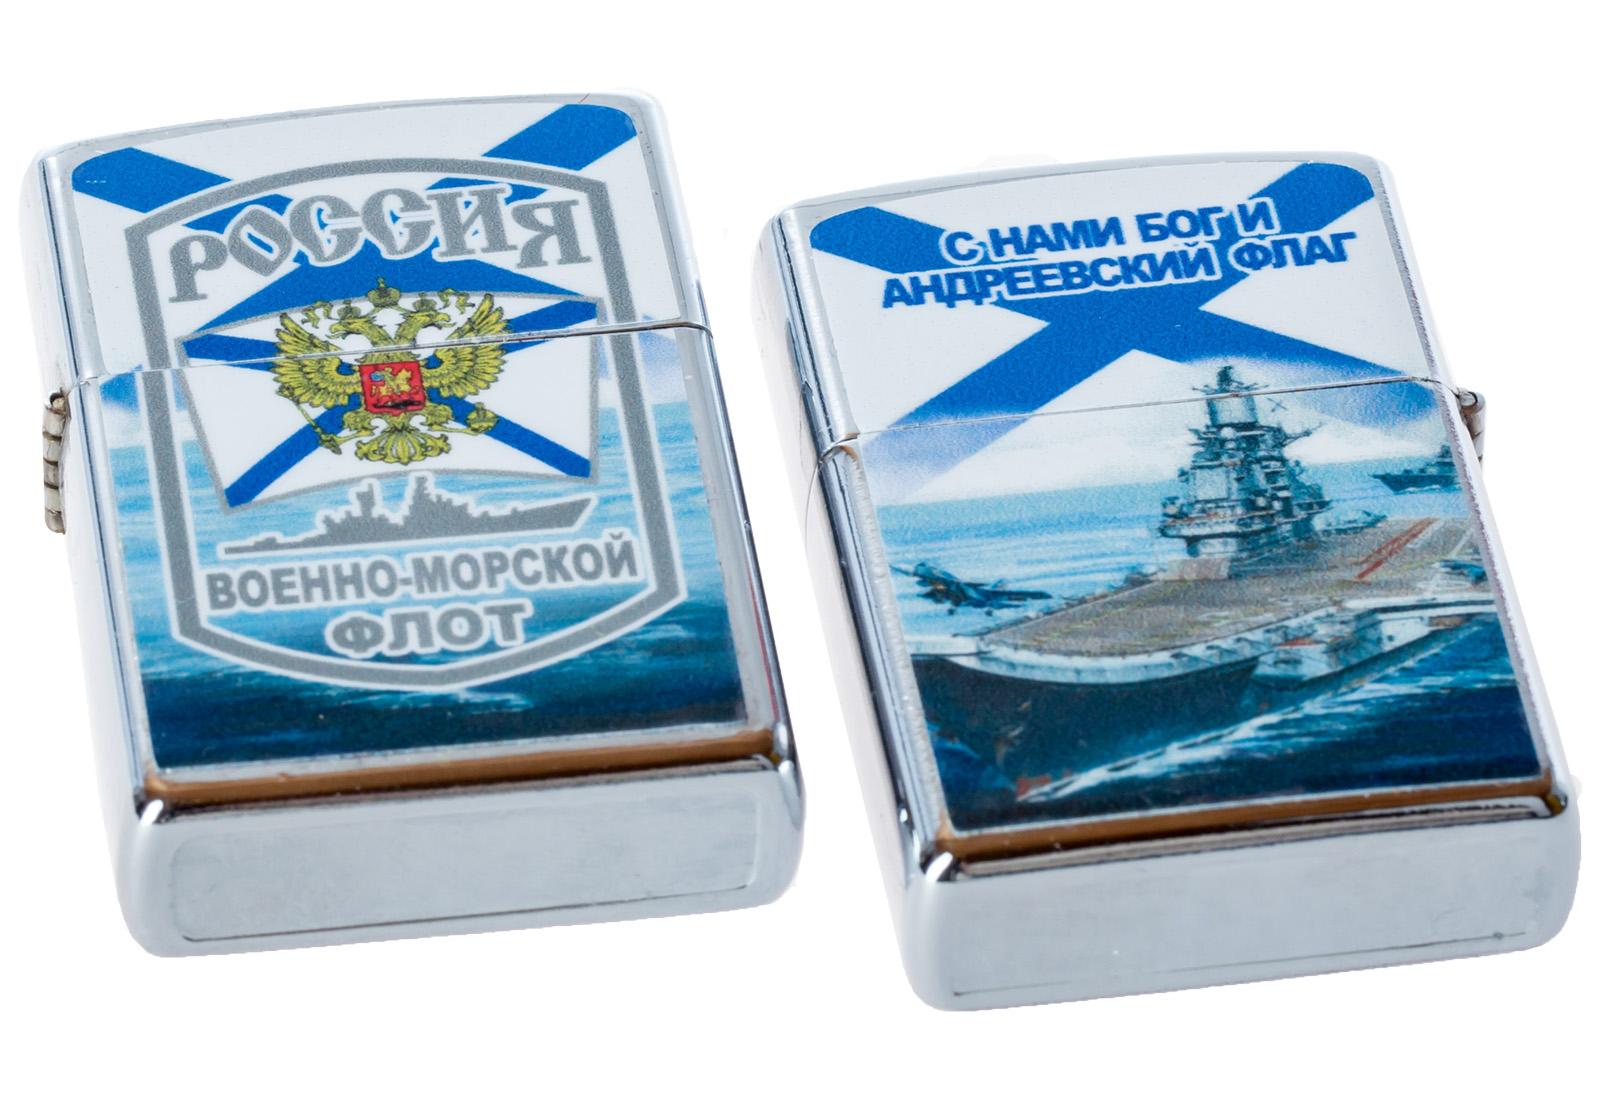 Купить зажигалку  ВМФ «Андреевский Флаг»